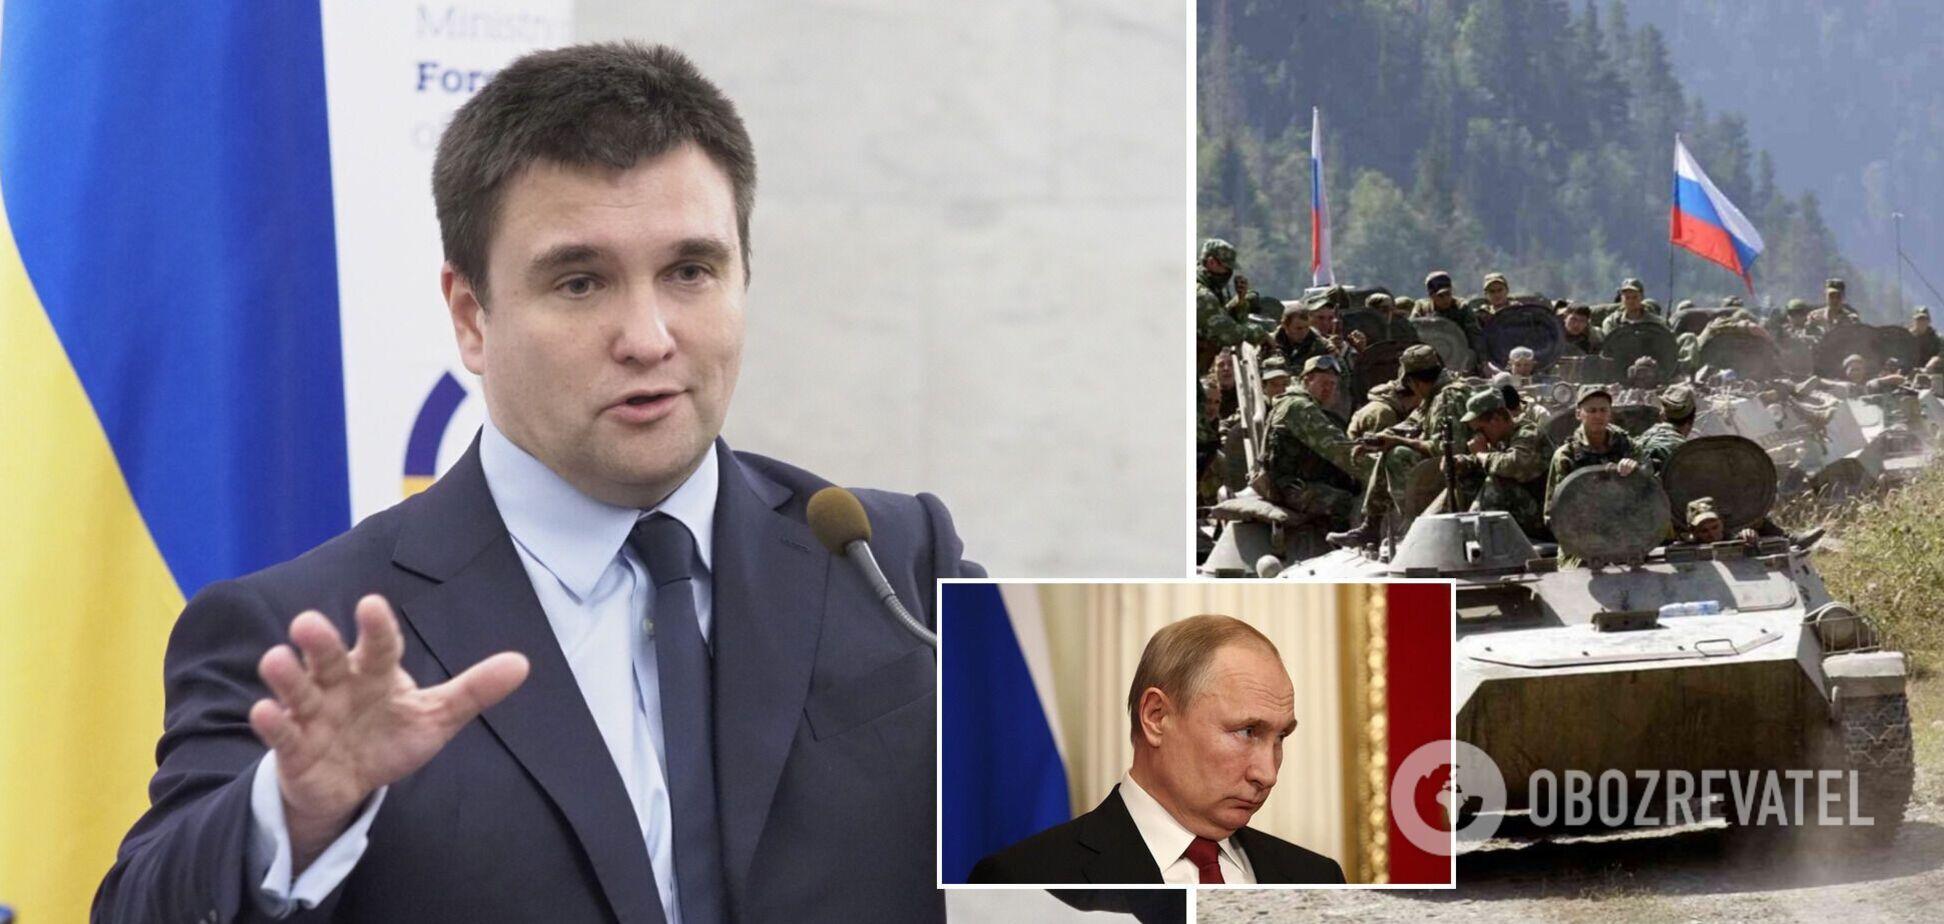 Климкин – об обострении на Донбассе: Путин повышает ставки перед выборами в РФ